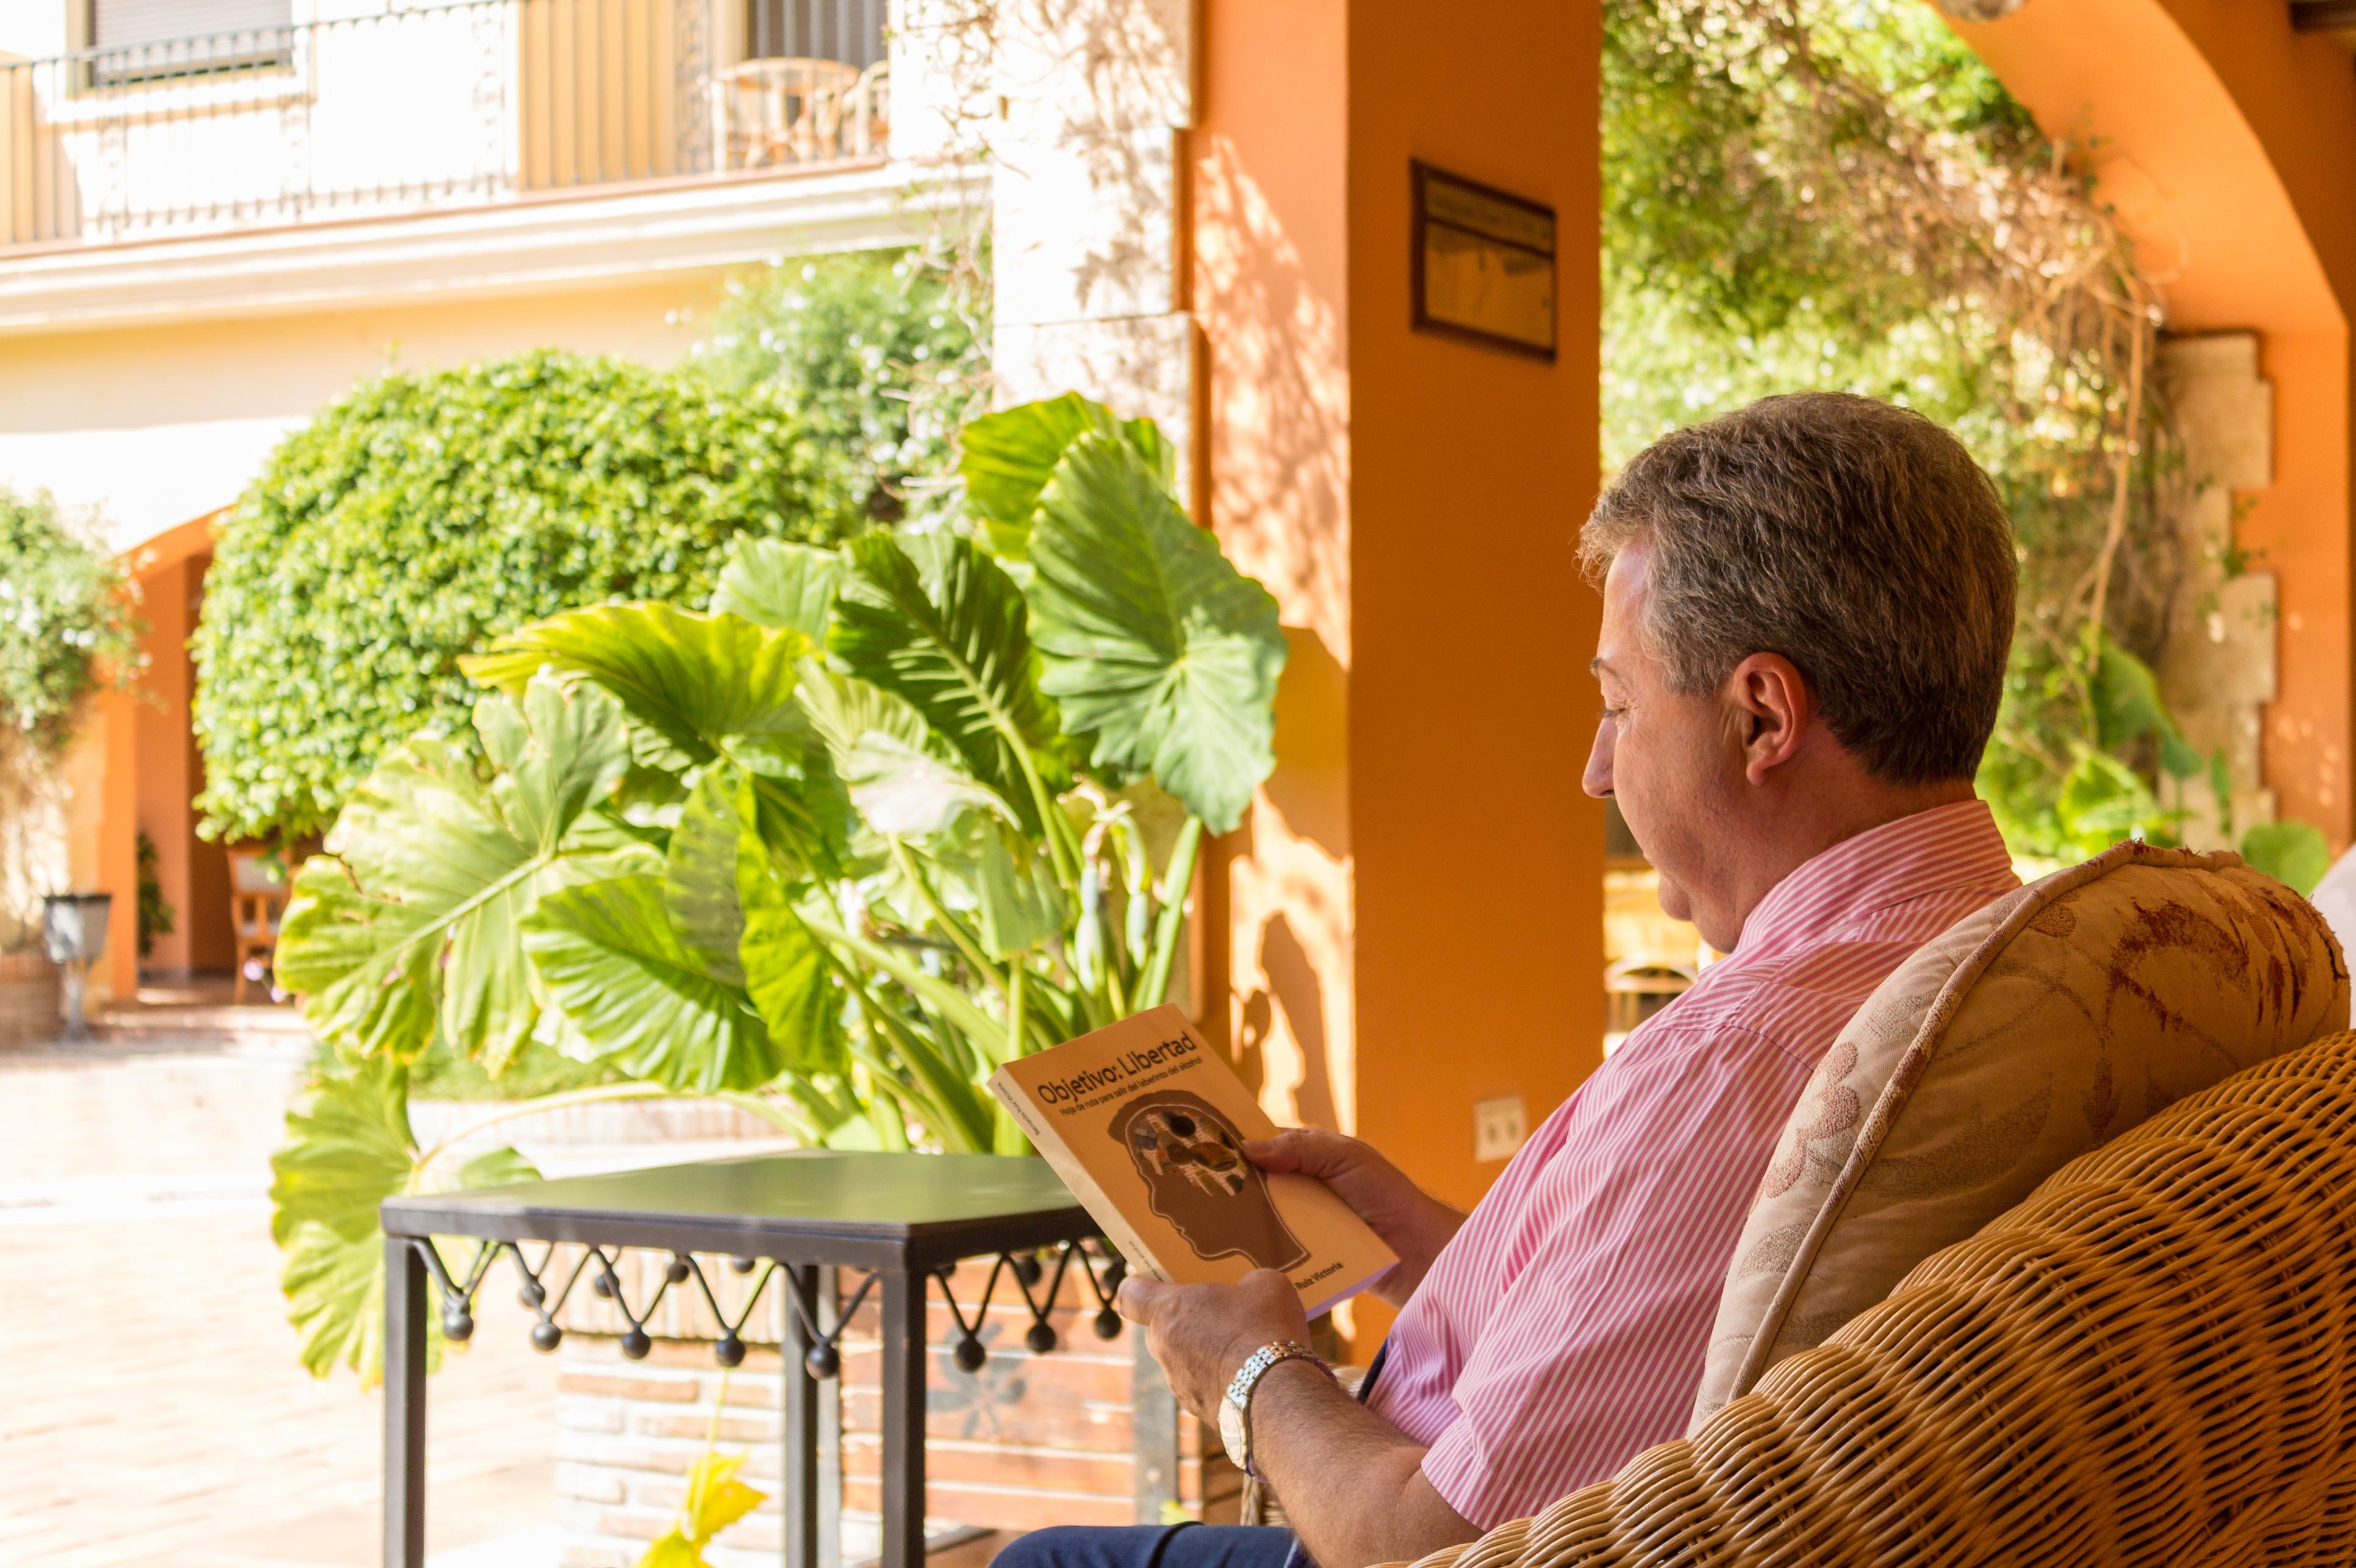 Adicción a la cocaína y otras adicciones en Marbella